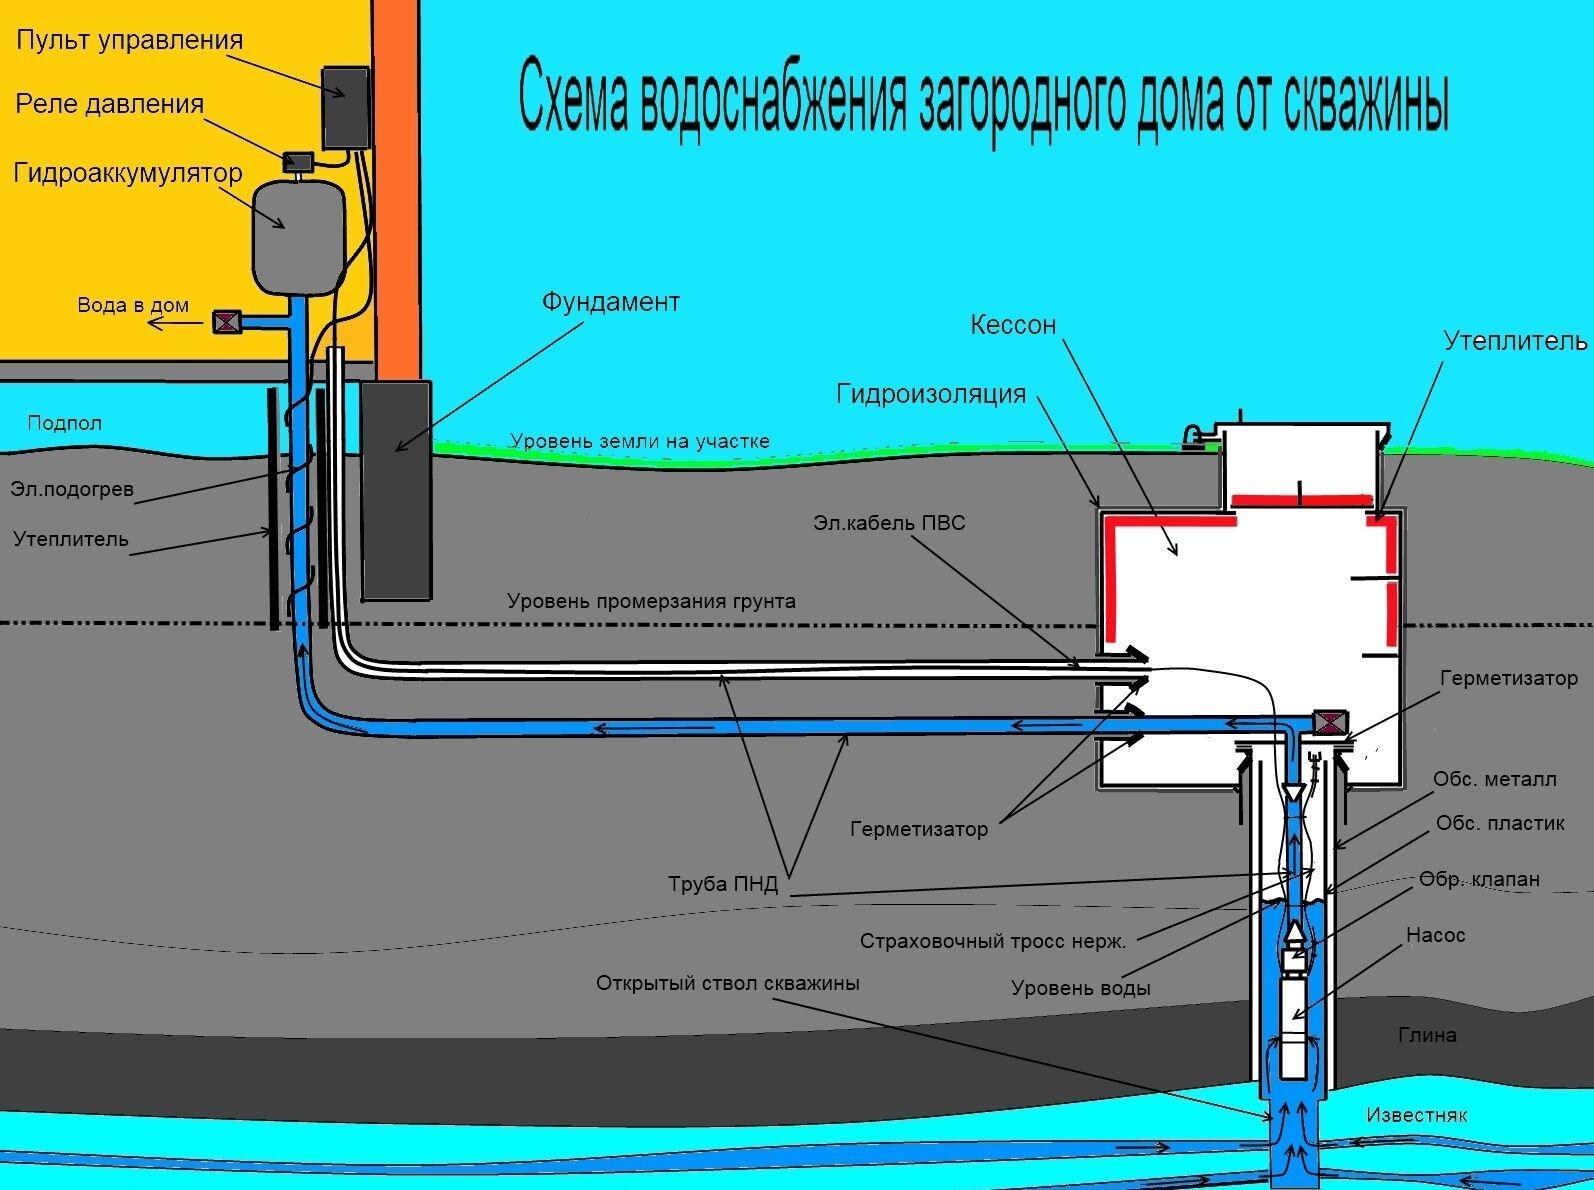 Готовим морскую воду схема фото 144